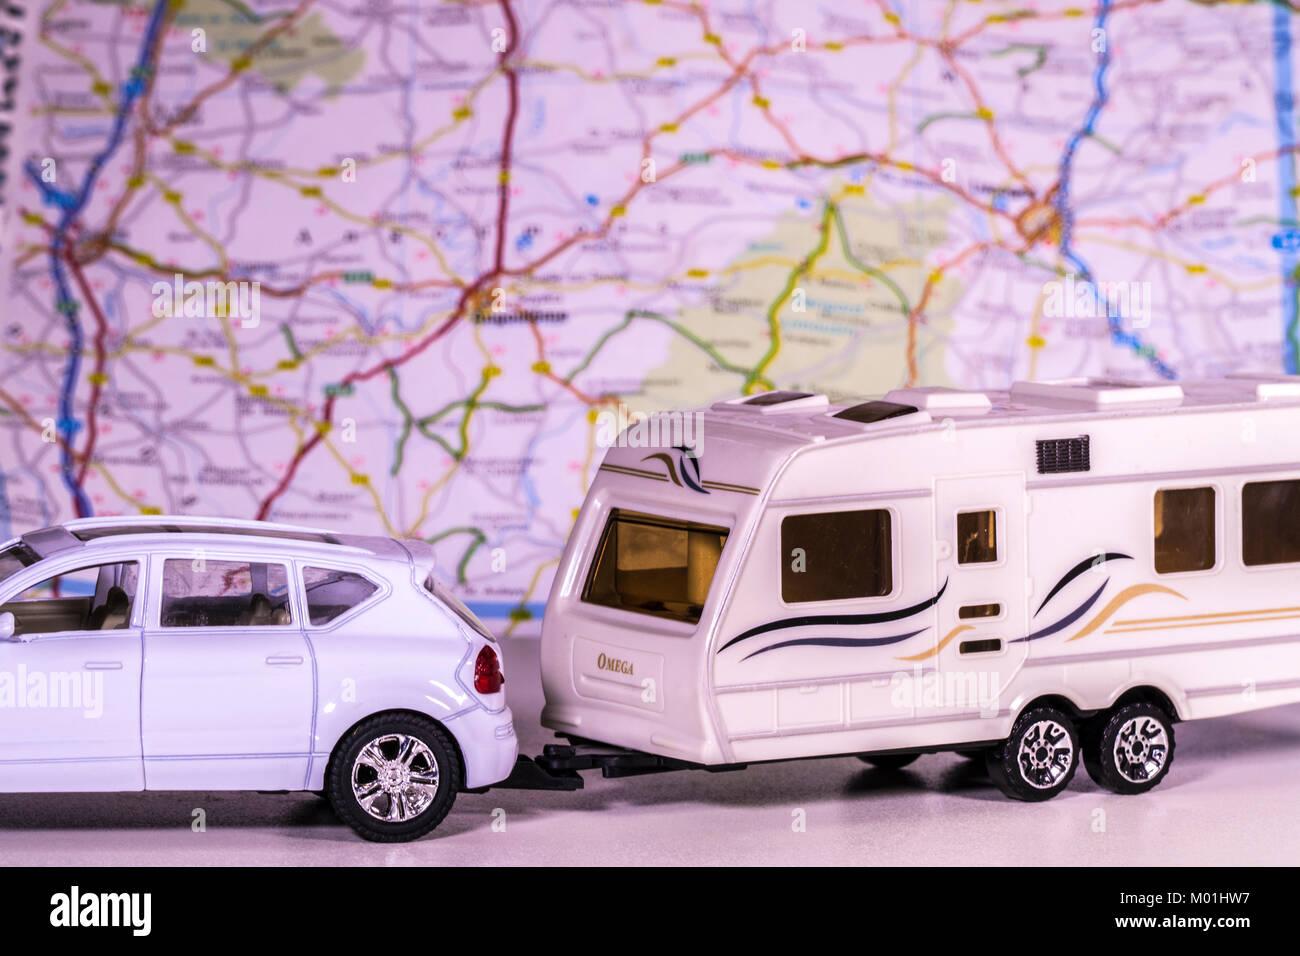 Caravana y modelo de coche con un mapa de desenfoque / atlas en el fondo. Concepto de cualquier aspecto de camping / touring / la libertad del camino abierto, etc. Foto de stock